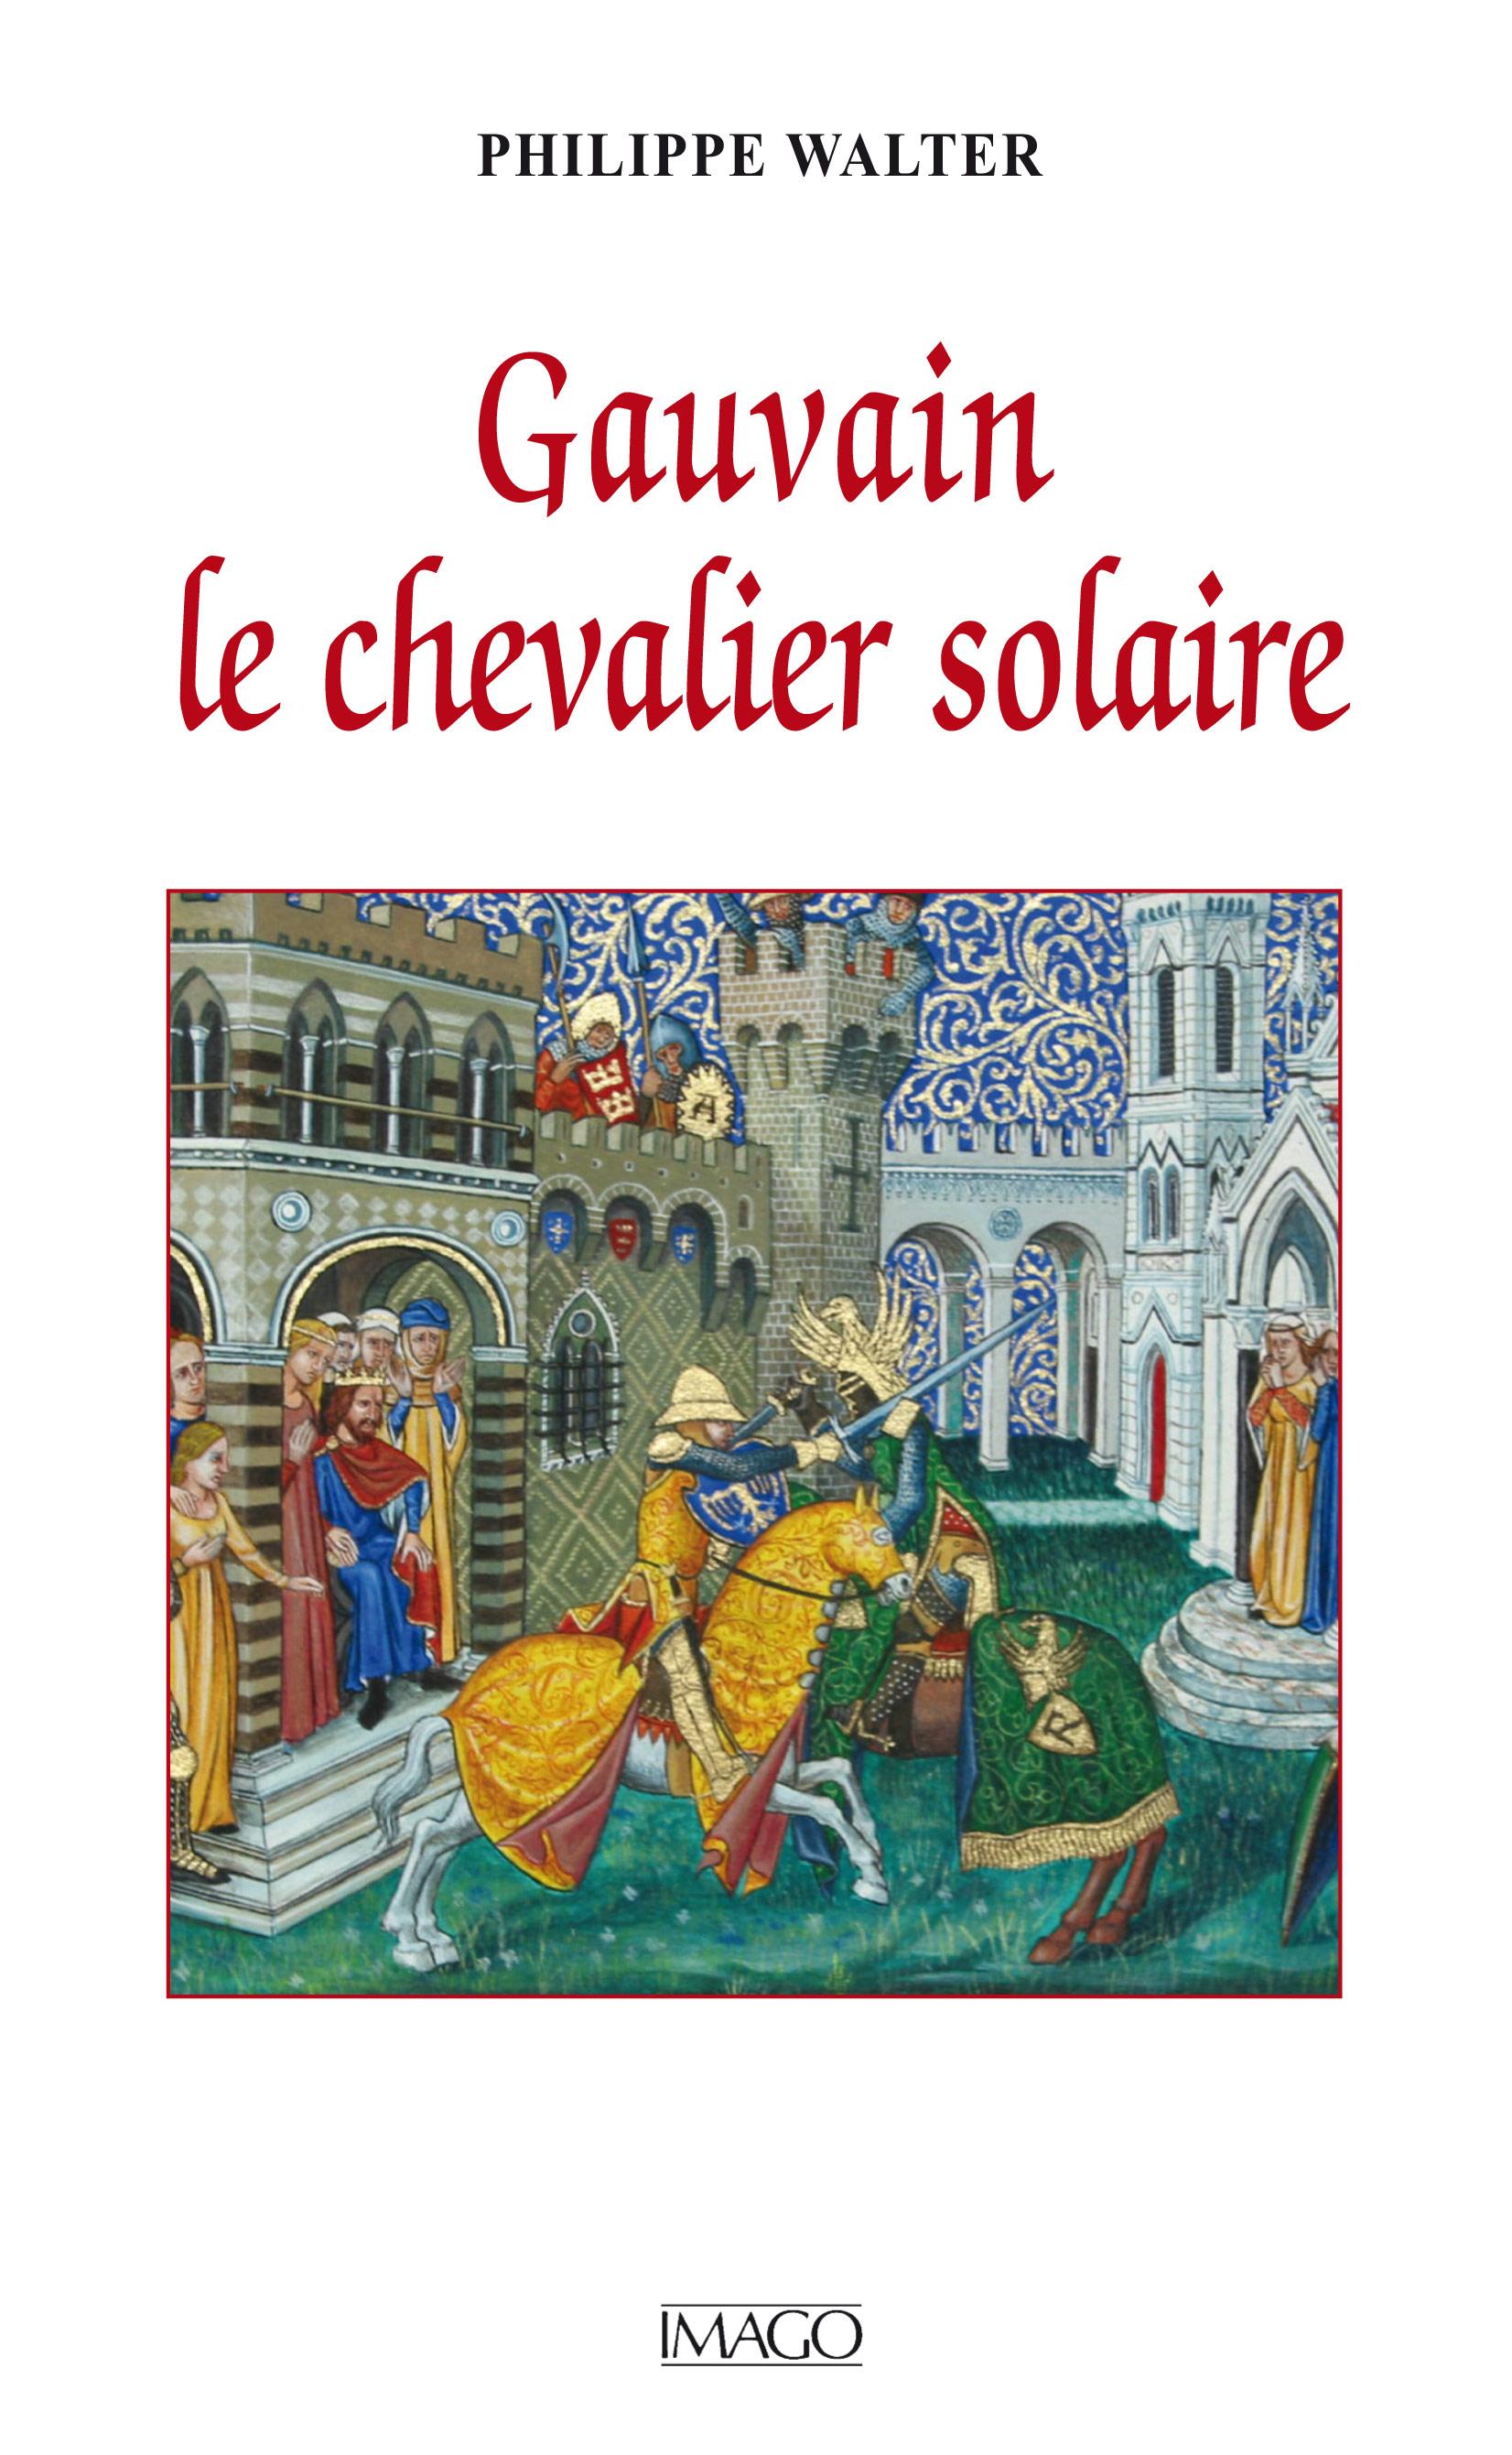 Gauvain le Chevalier solaire